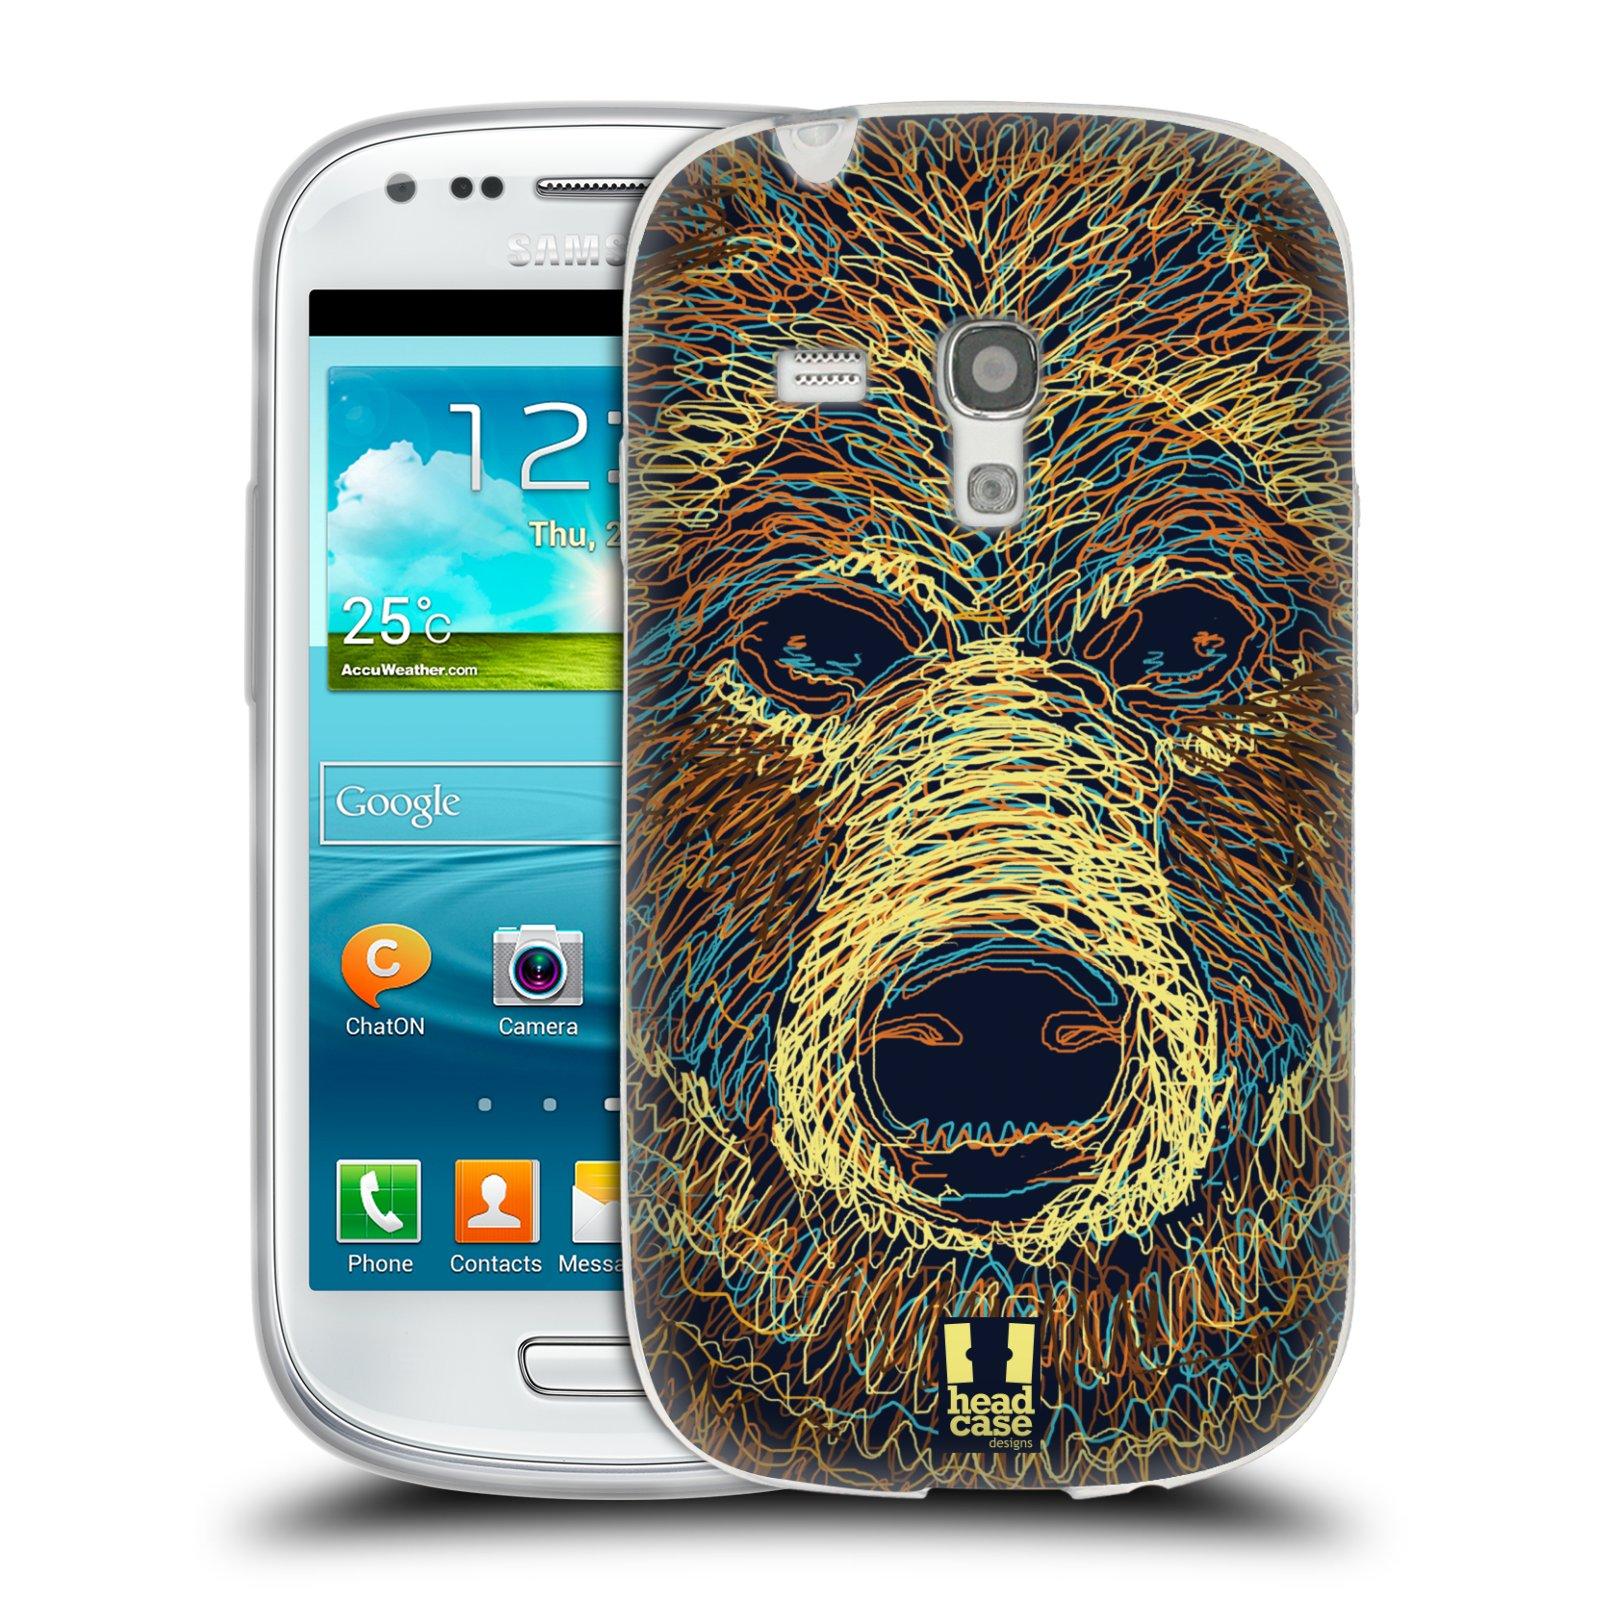 HEAD CASE silikonový obal na mobil Samsung Galaxy S3 MINI i8190 vzor zvíře čmáranice medvěd